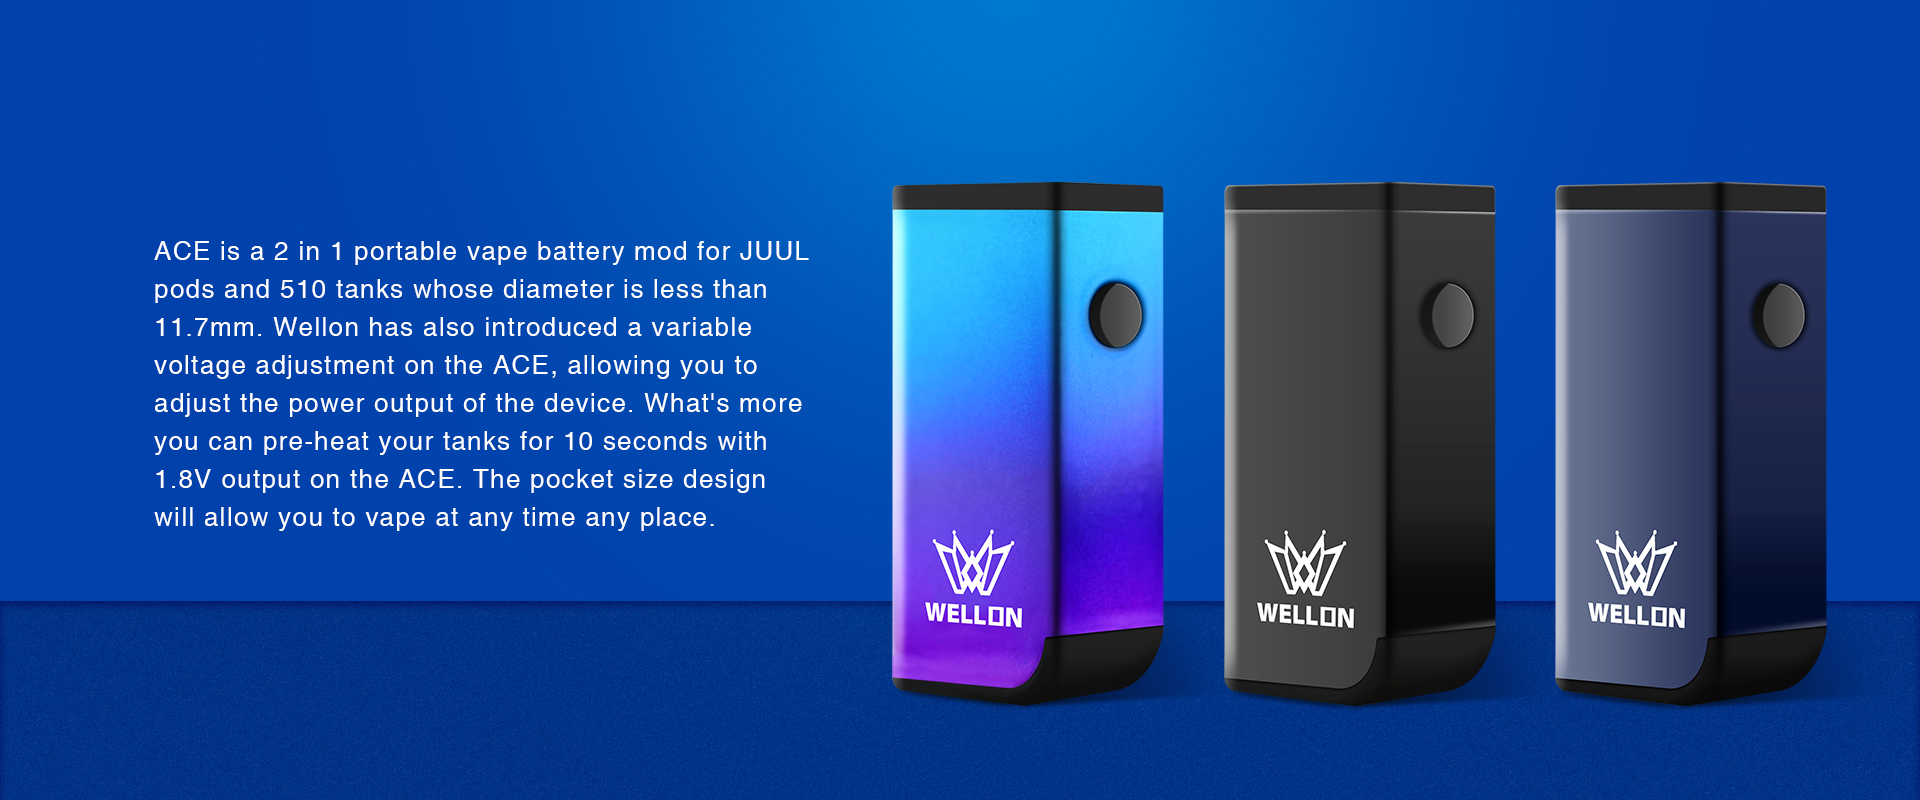 wellon-ace